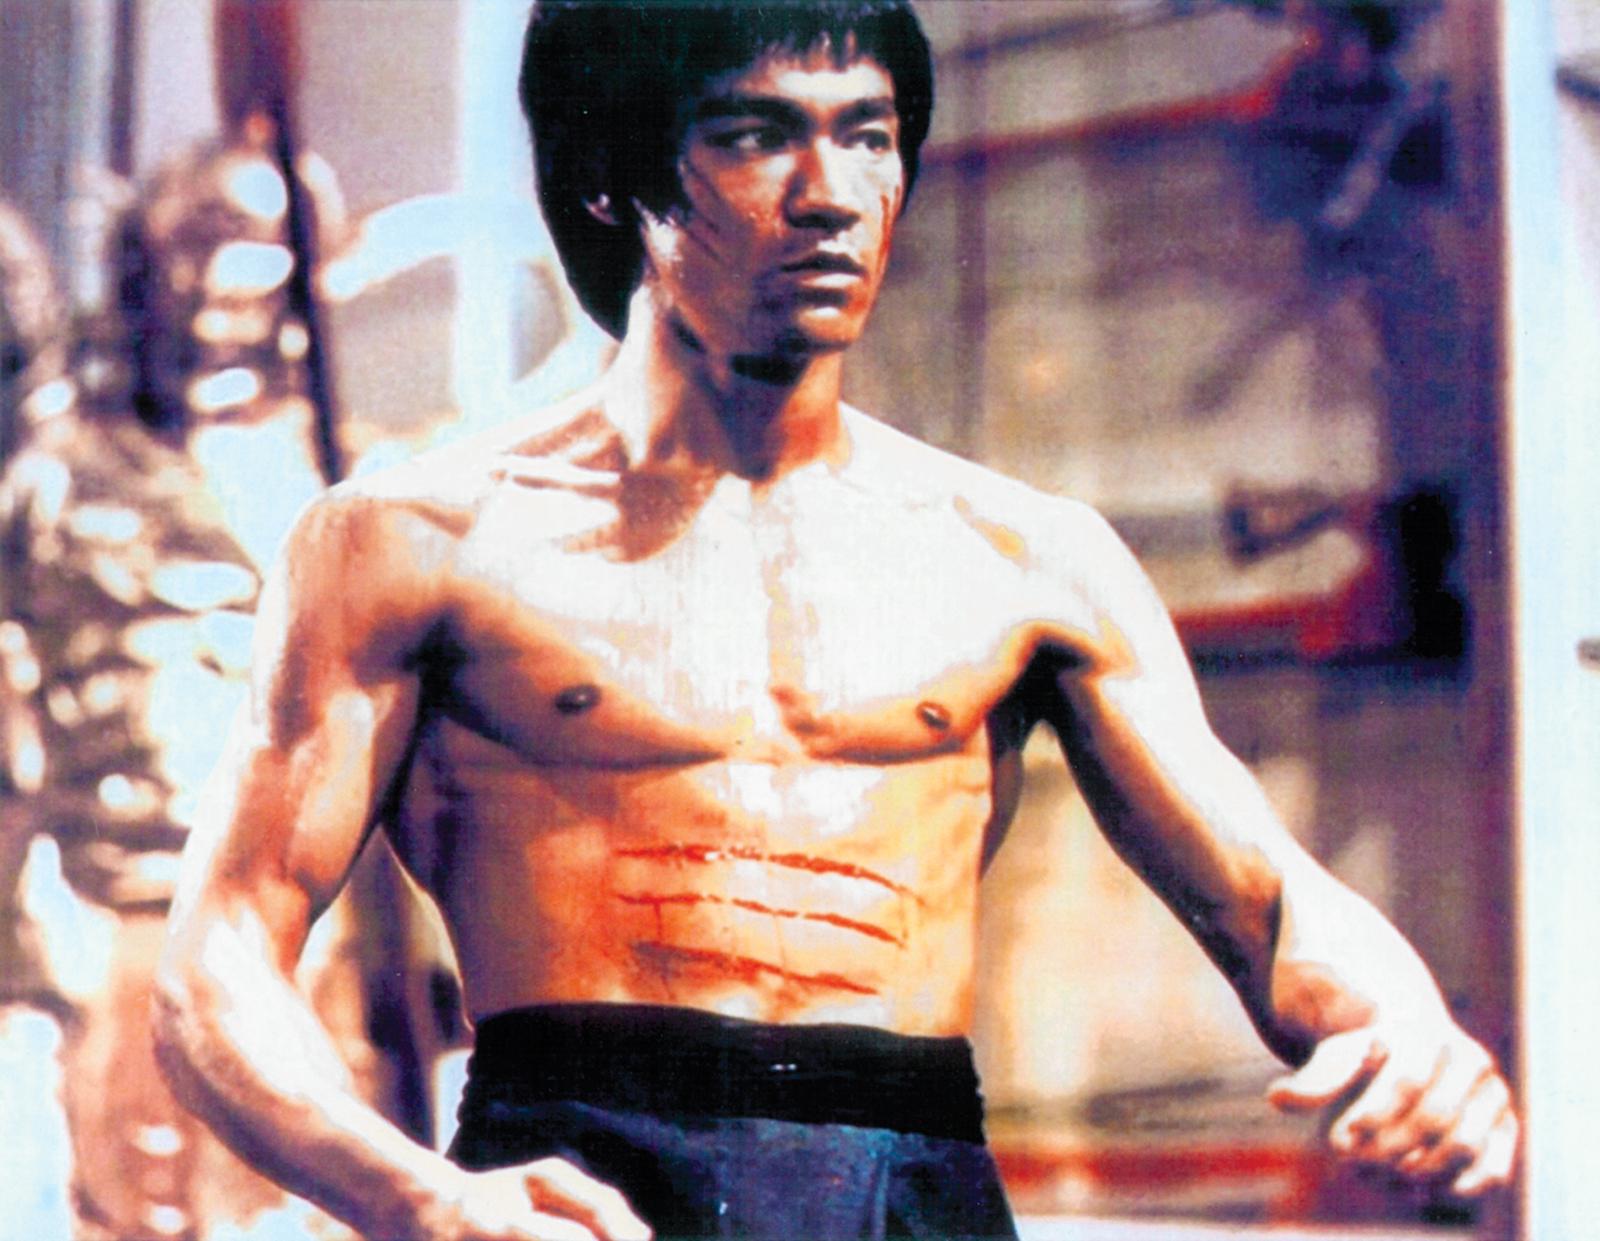 Bruce-Lee-scene-Enter-the-Dragon-1973